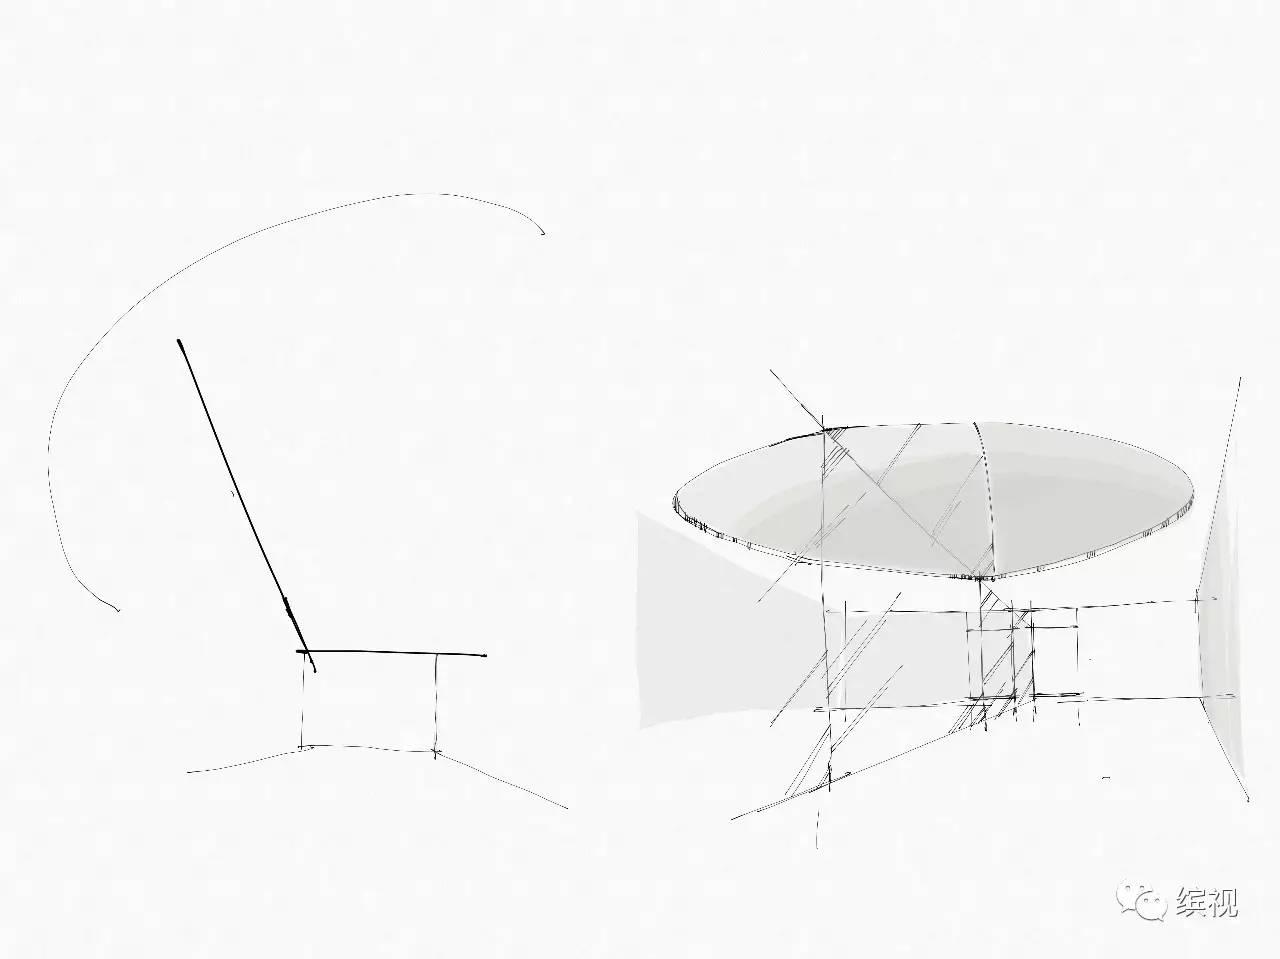 手绘橱柜设计图 手绘